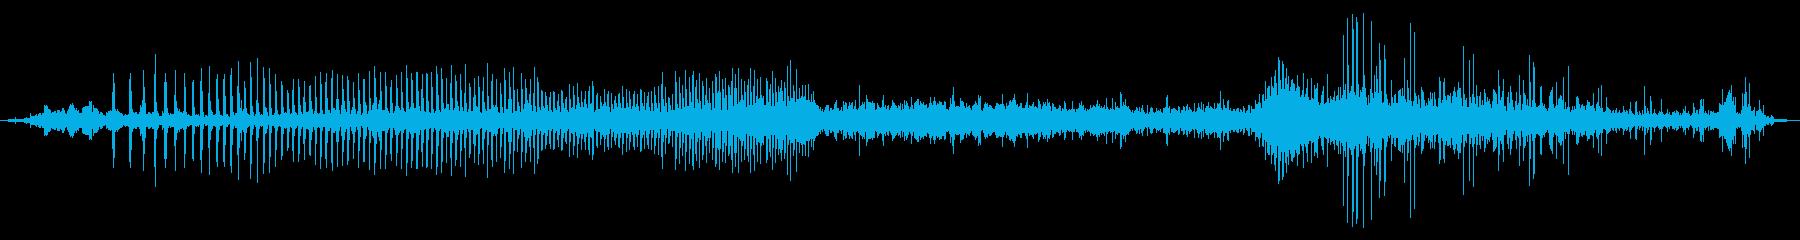 1880年代の蒸気機関車:内線:機...の再生済みの波形